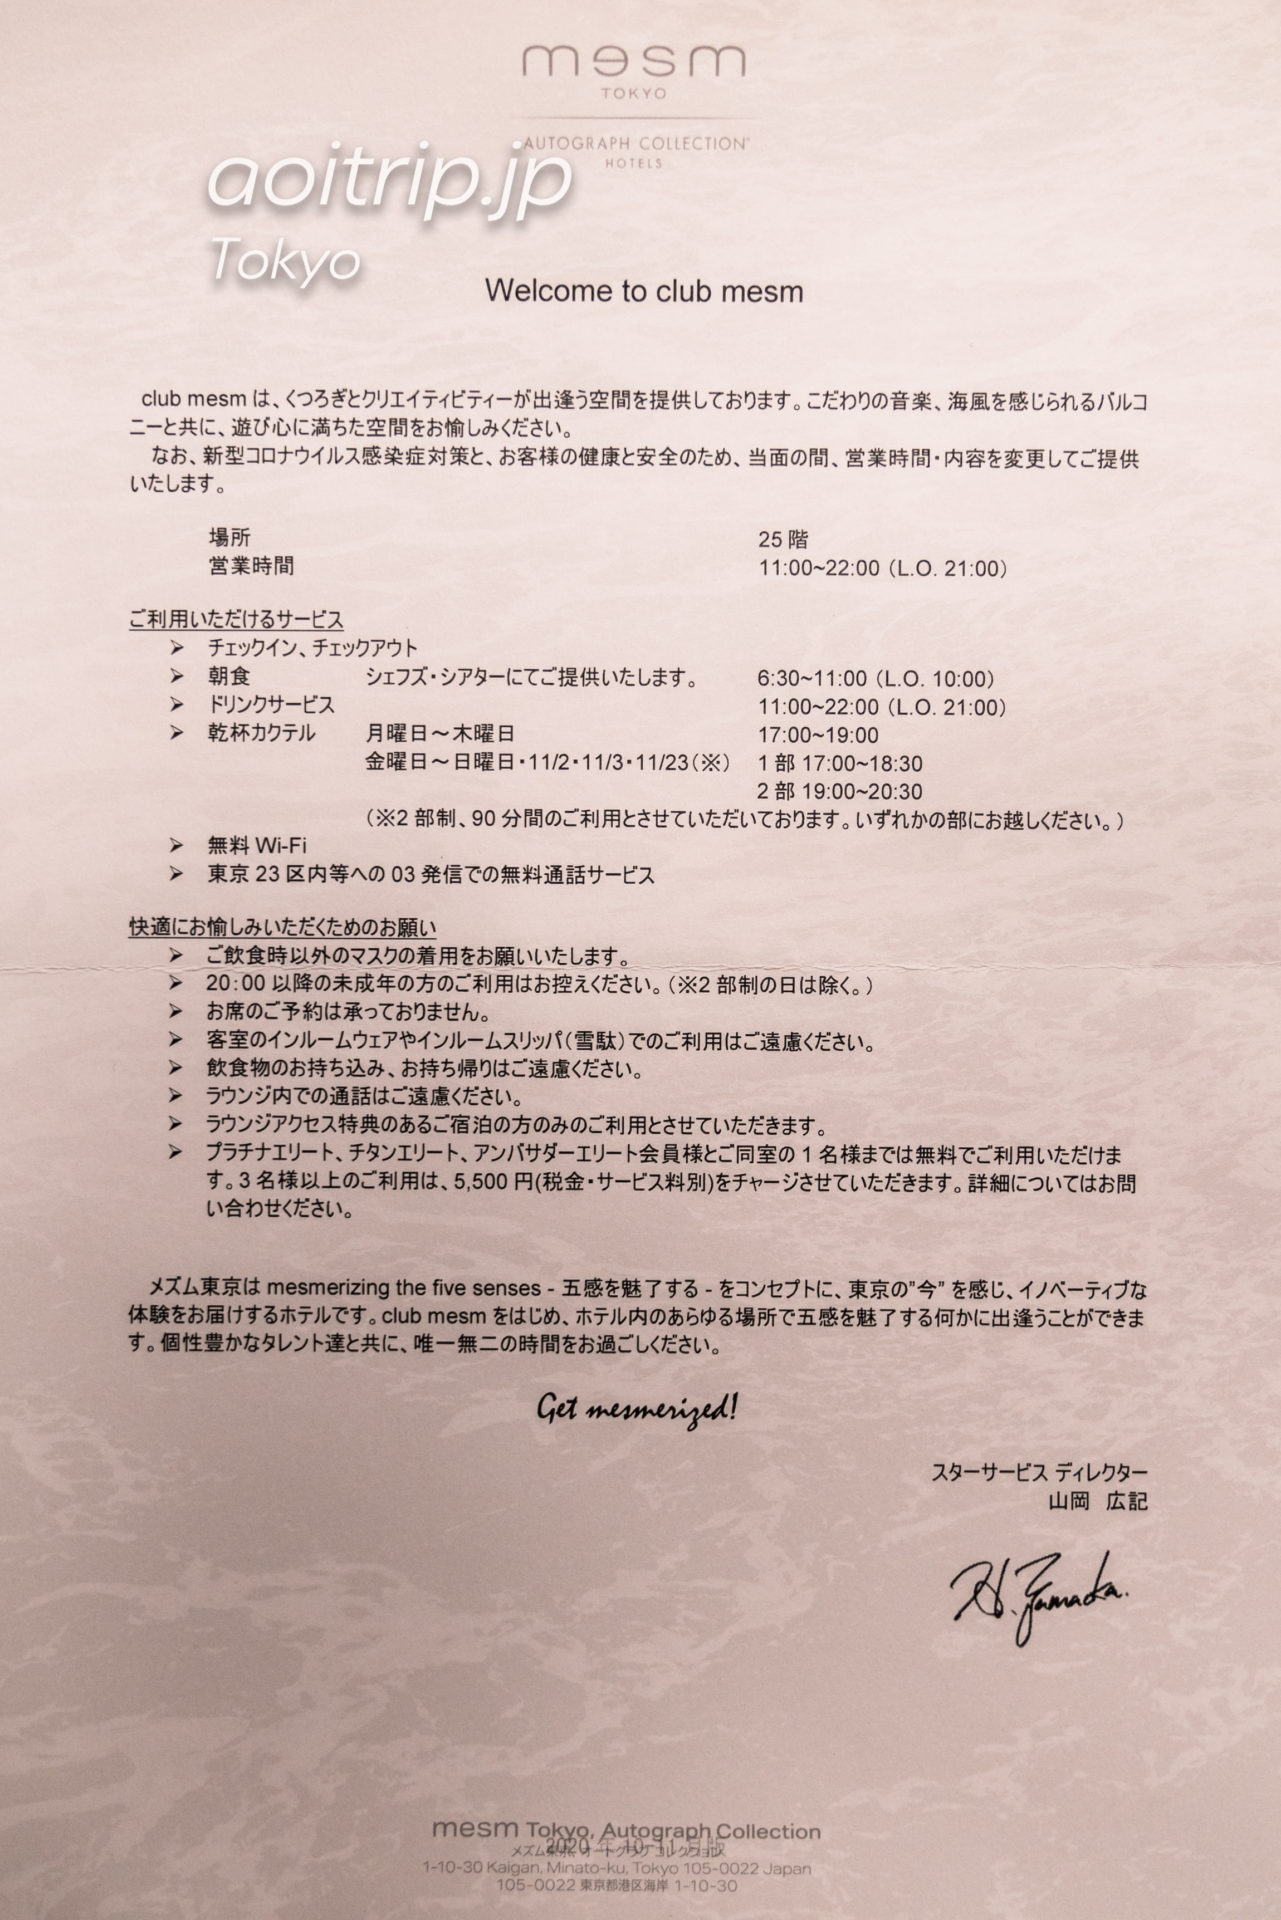 メズム東京のクラブラウンジ 概要・営業時間